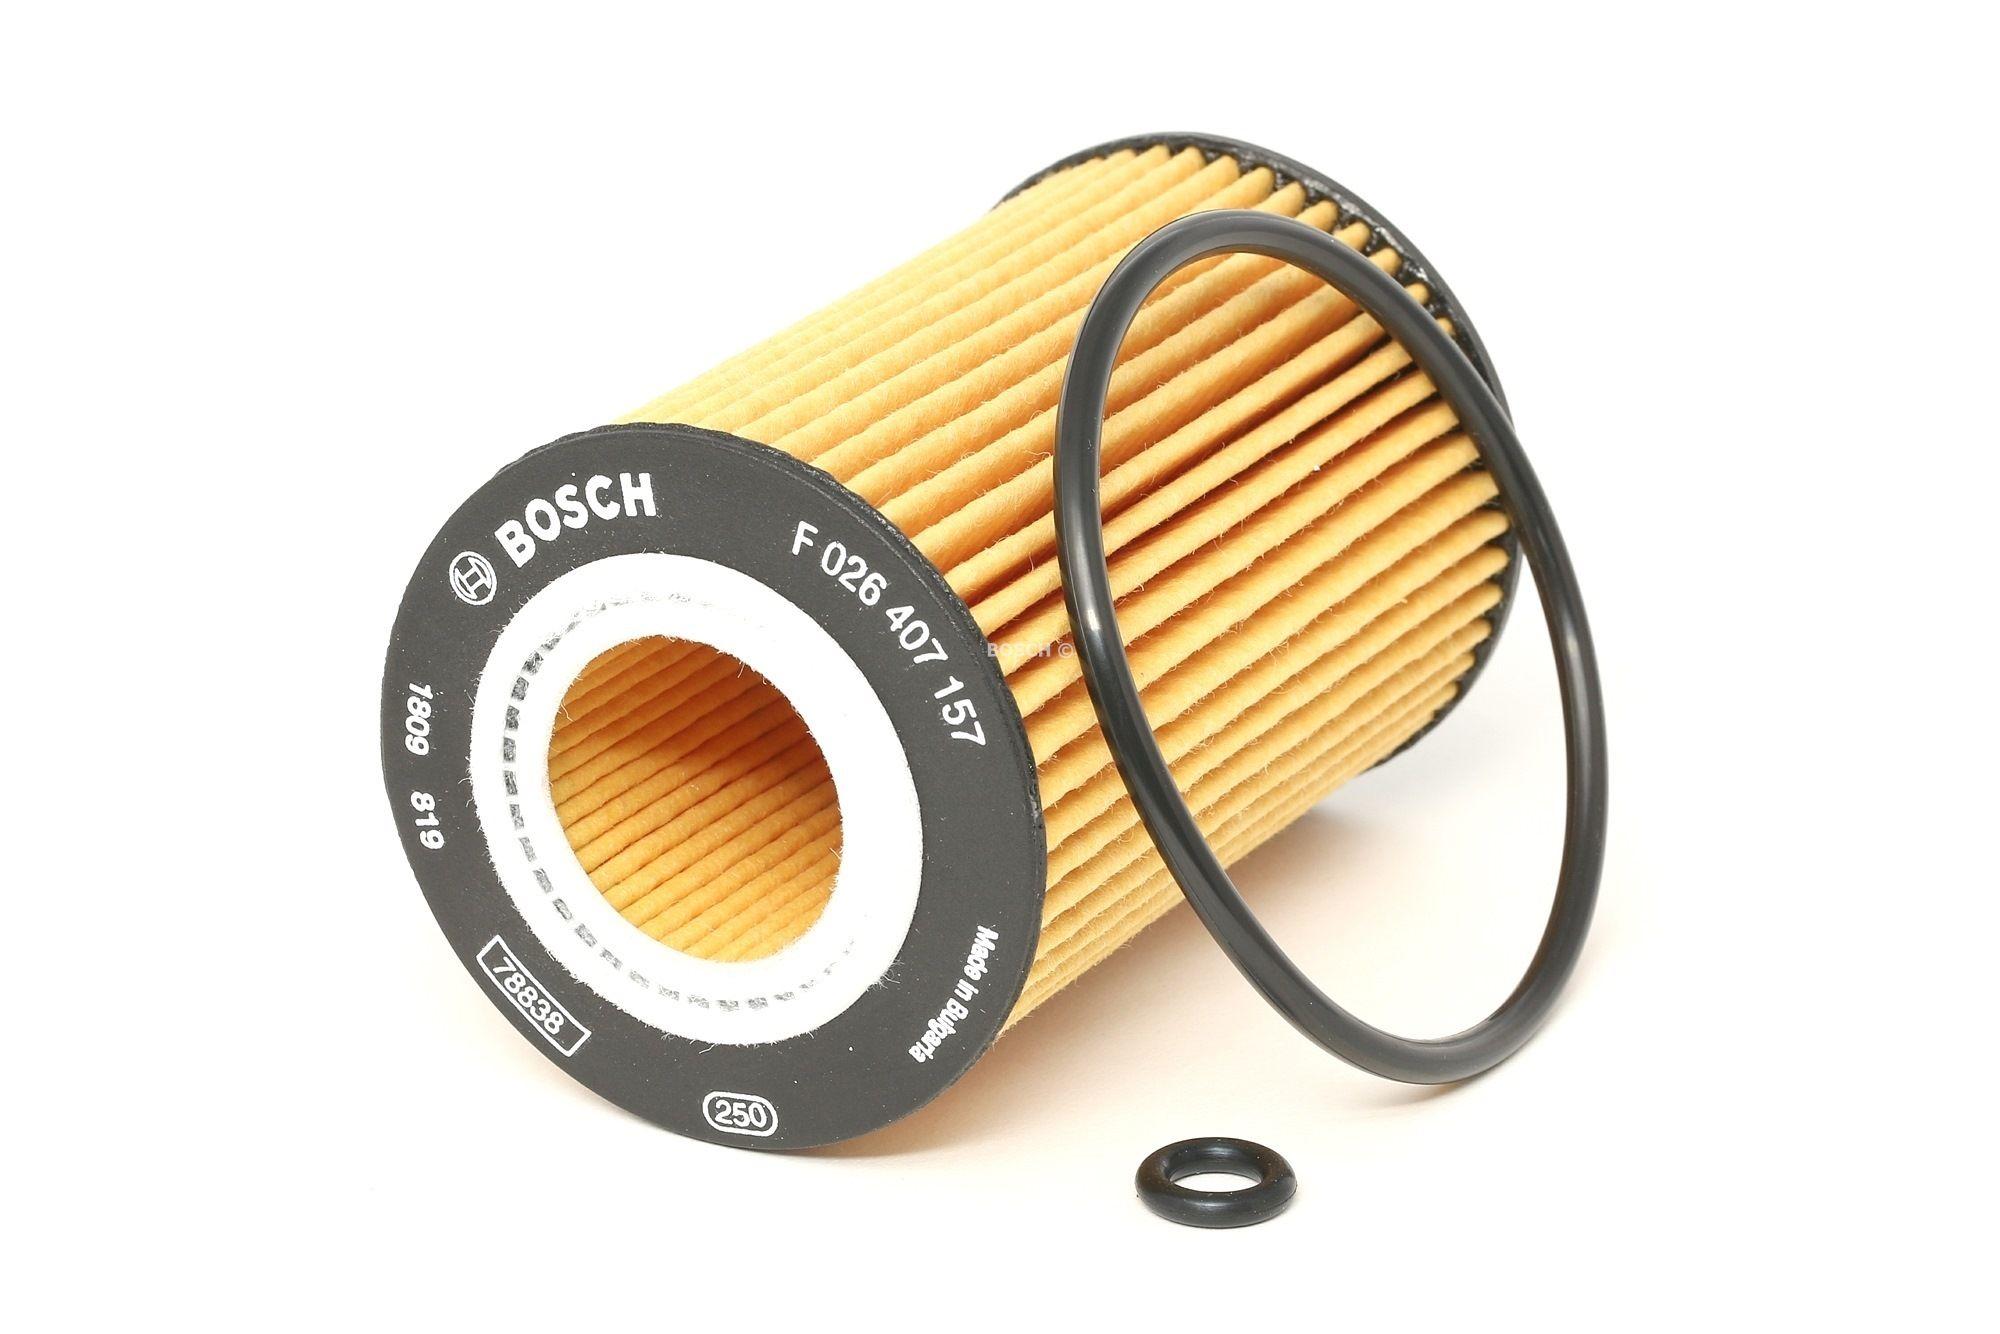 Achetez Filtre à huile BOSCH F 026 407 157 (Ø: 65mm, Hauteur: 102mm, Hauteur 1: 96mm) à un rapport qualité-prix exceptionnel